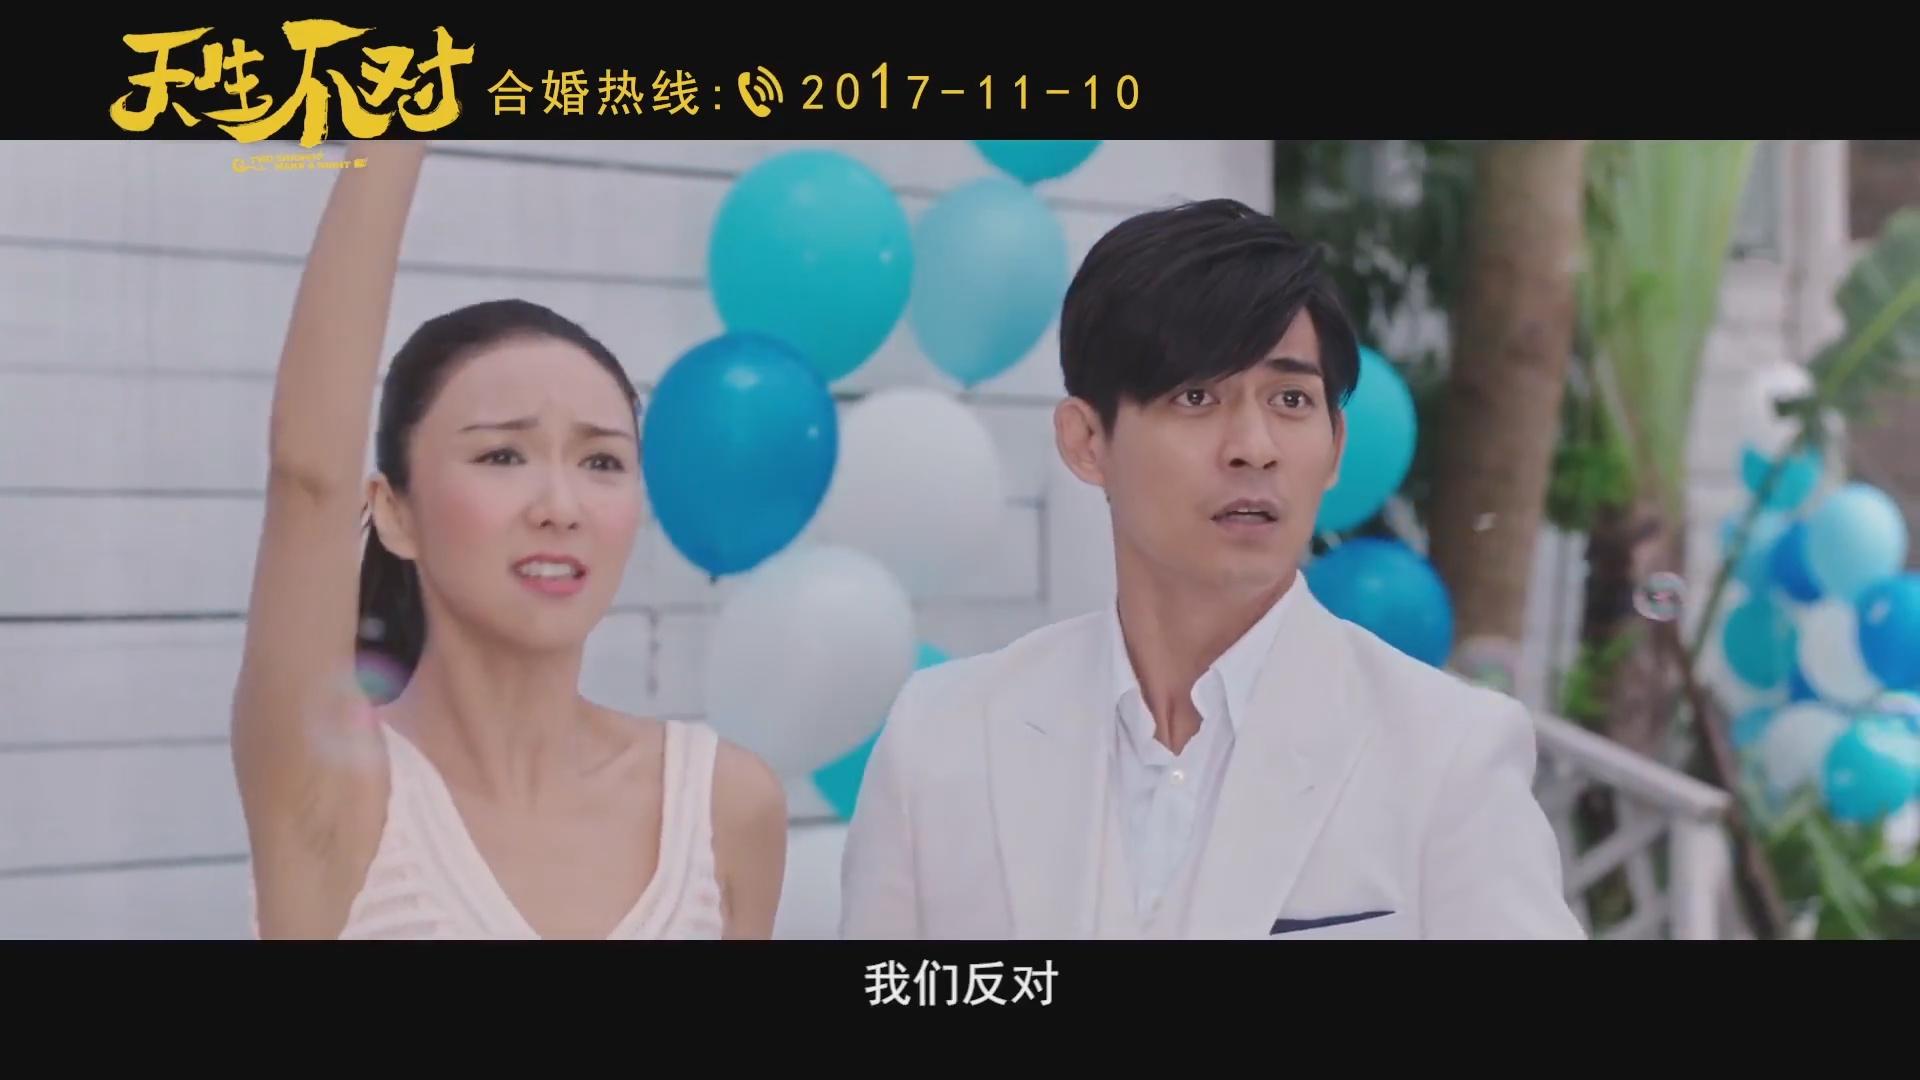 周渝民,薛凯琪主演风水命理喜剧新作《天生不对》开光版预告片